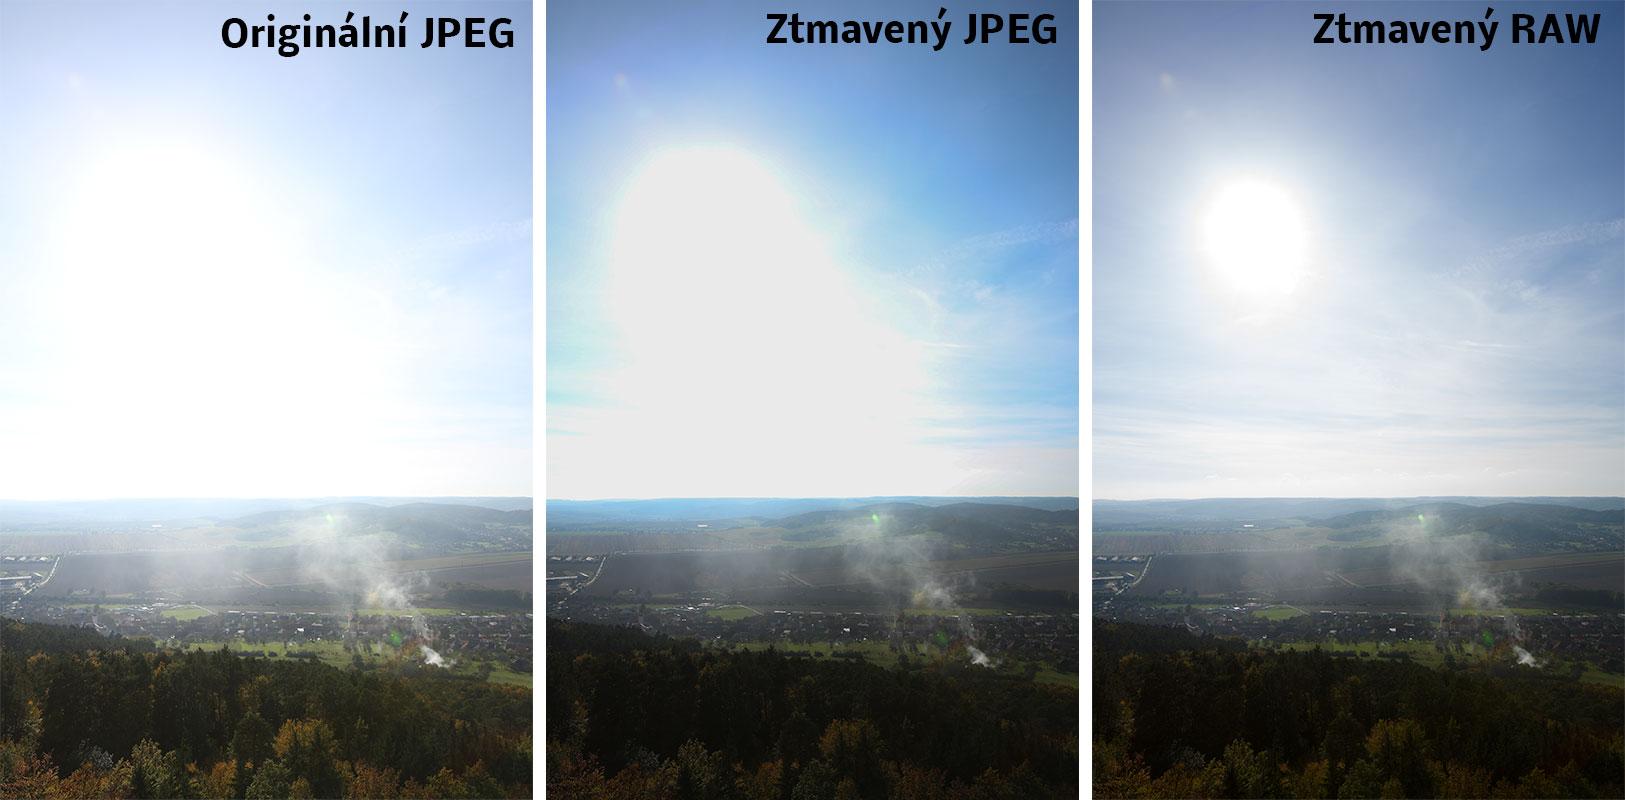 Identická fotografie ve dvou souborech – JPEG a RAW – pořízených jedním stiskem spouště. Pokud zkusíme ztmavit oblohu (konkrétně zde o cca 1,39 EV) u JPEGu, dostaneme jen jednobarevnou plochu. RAW dovolí ztmavovat mnohem víc, i když i tam později narazíme na limity. Canon 5D Mark III, Canon EF 16-35/2,8 II, 1/125 s, F8,0, ISO 160, ohnisko 27 mm